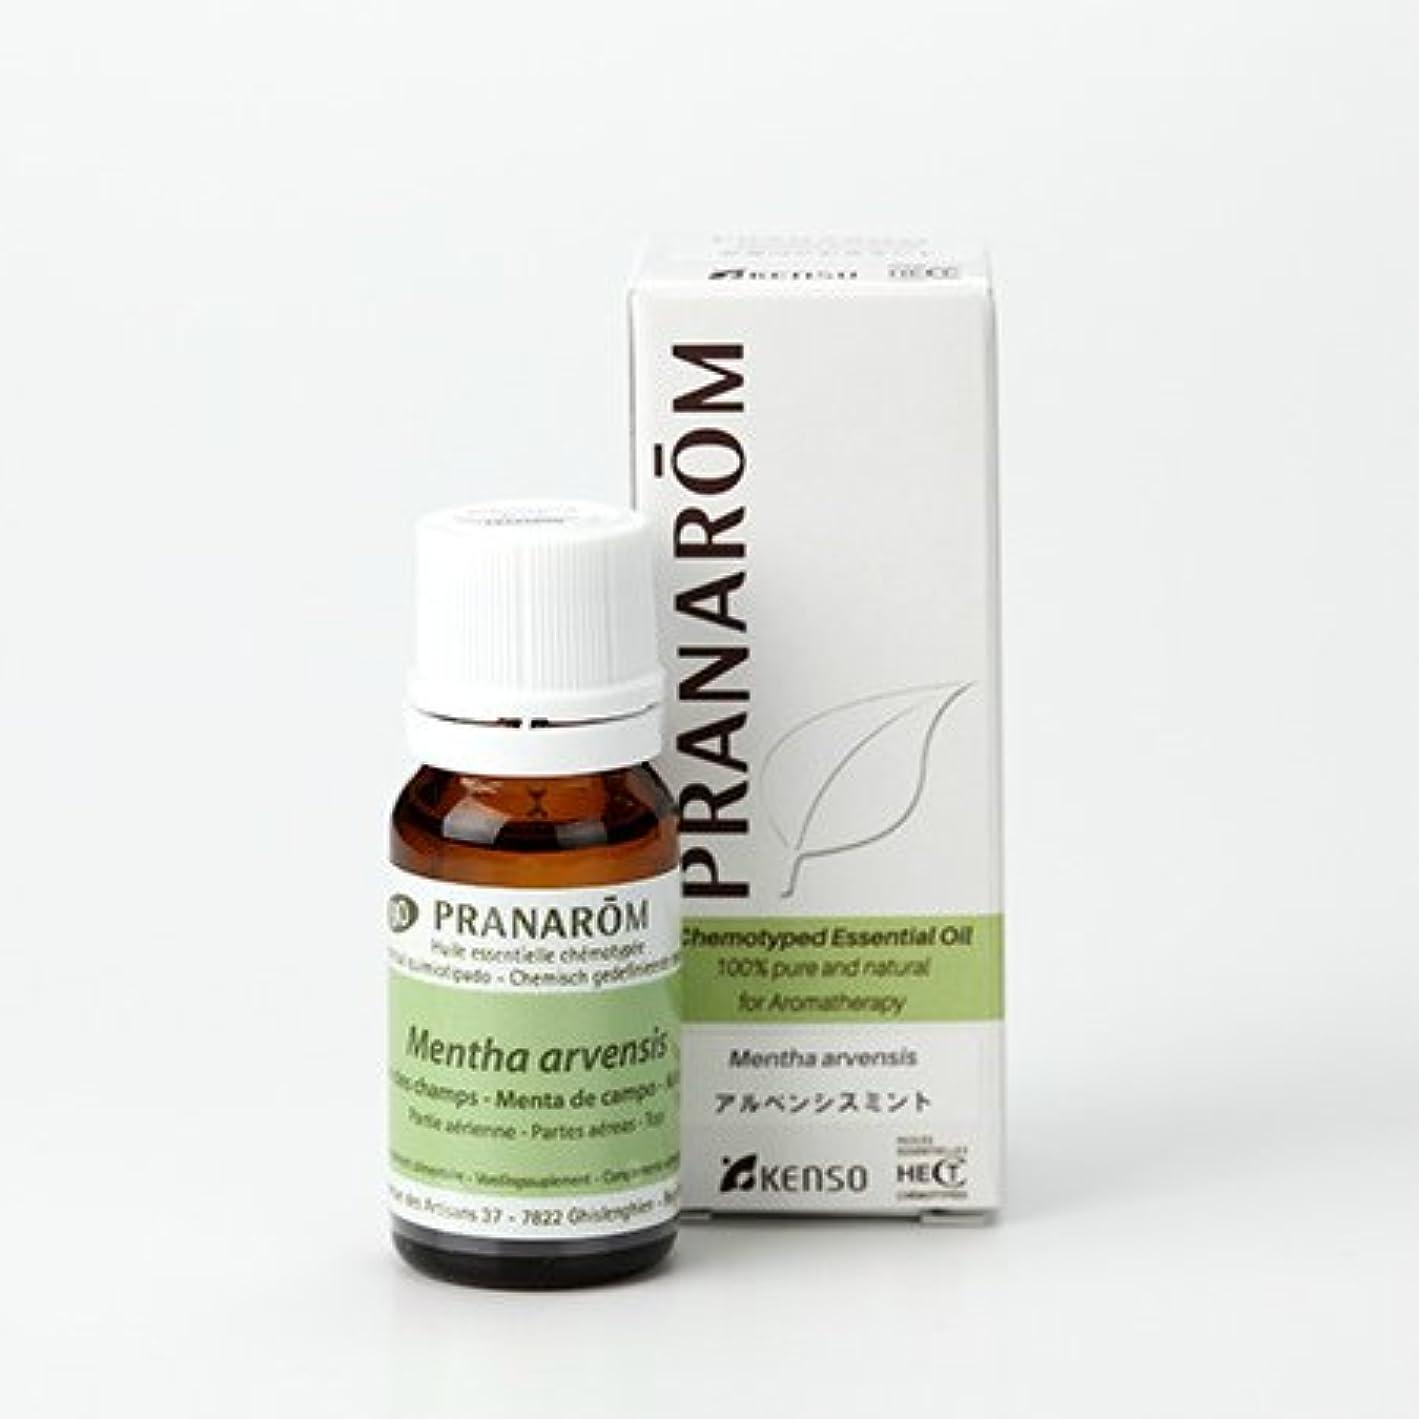 も生きている典型的なプラナロム アルベンシスミント 10ml (PRANAROM ケモタイプ精油)